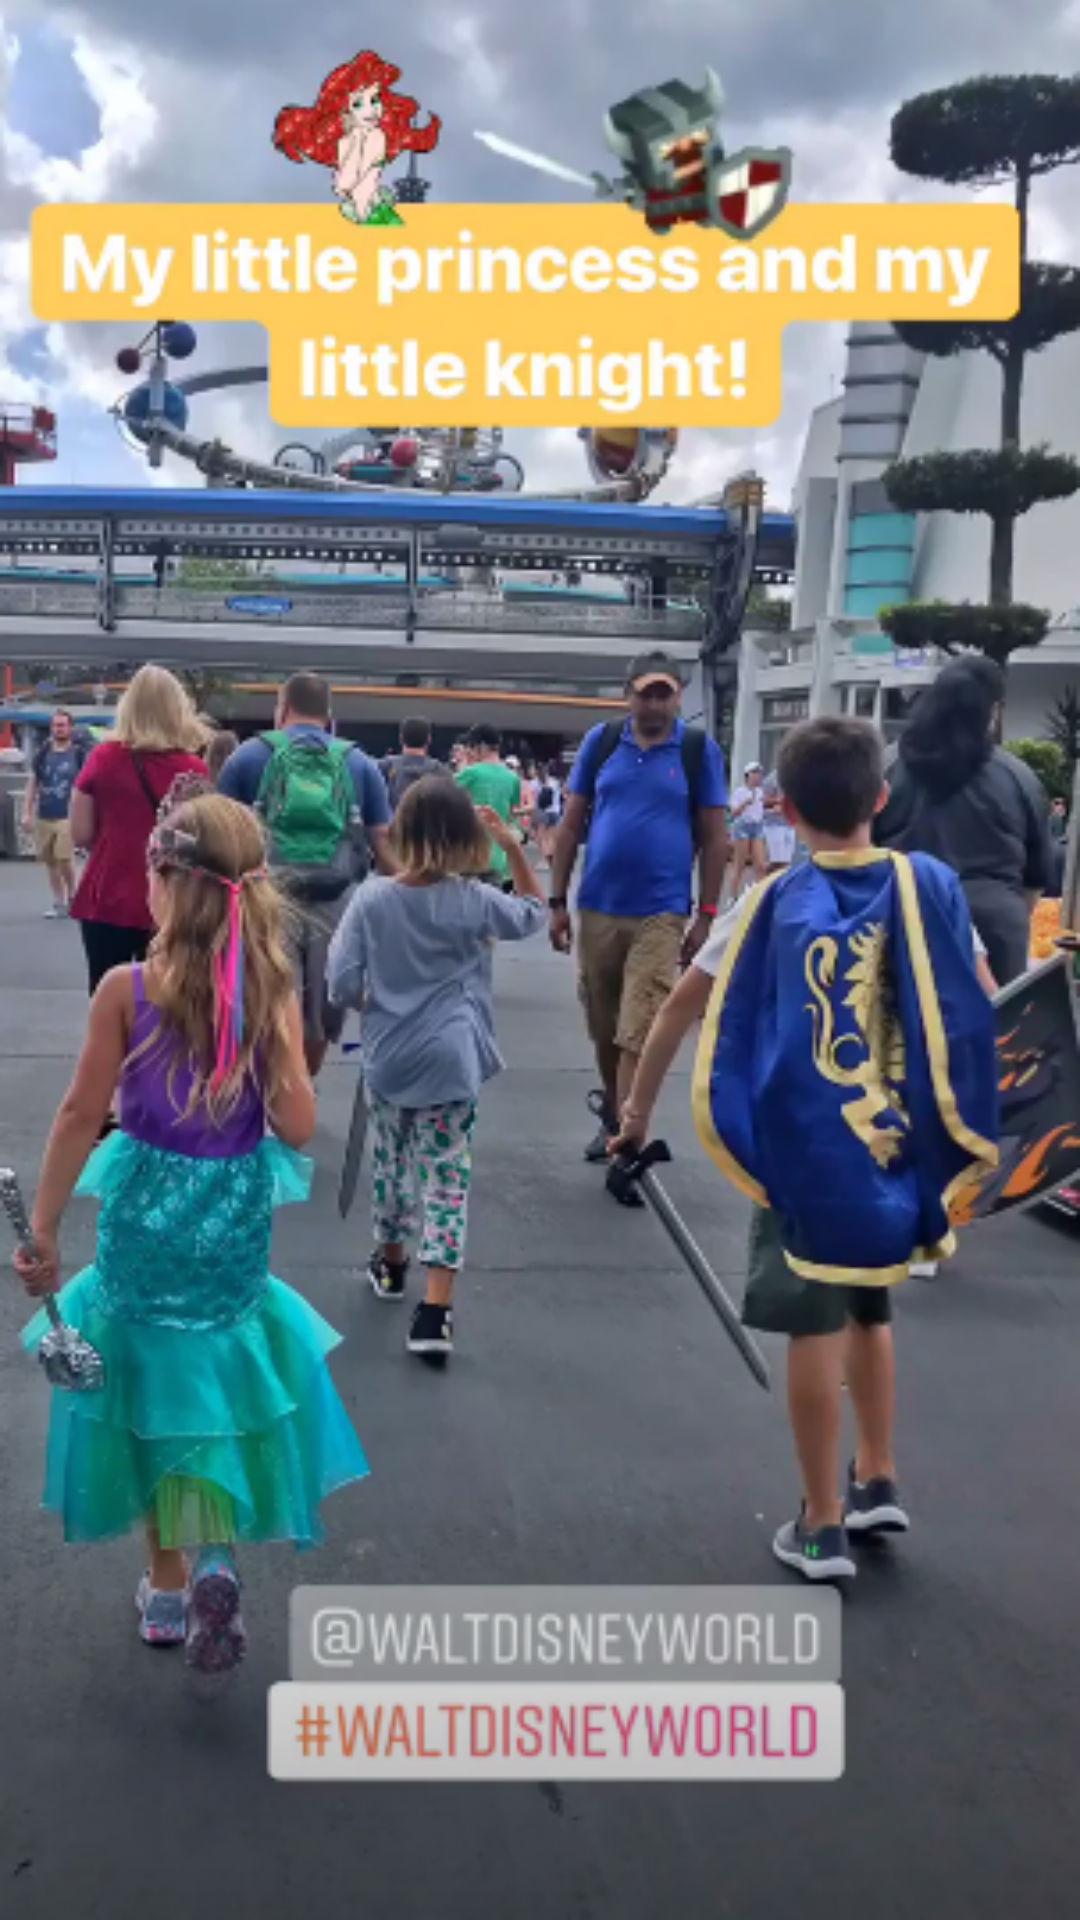 Gisele Bündchen, filhos, Disney